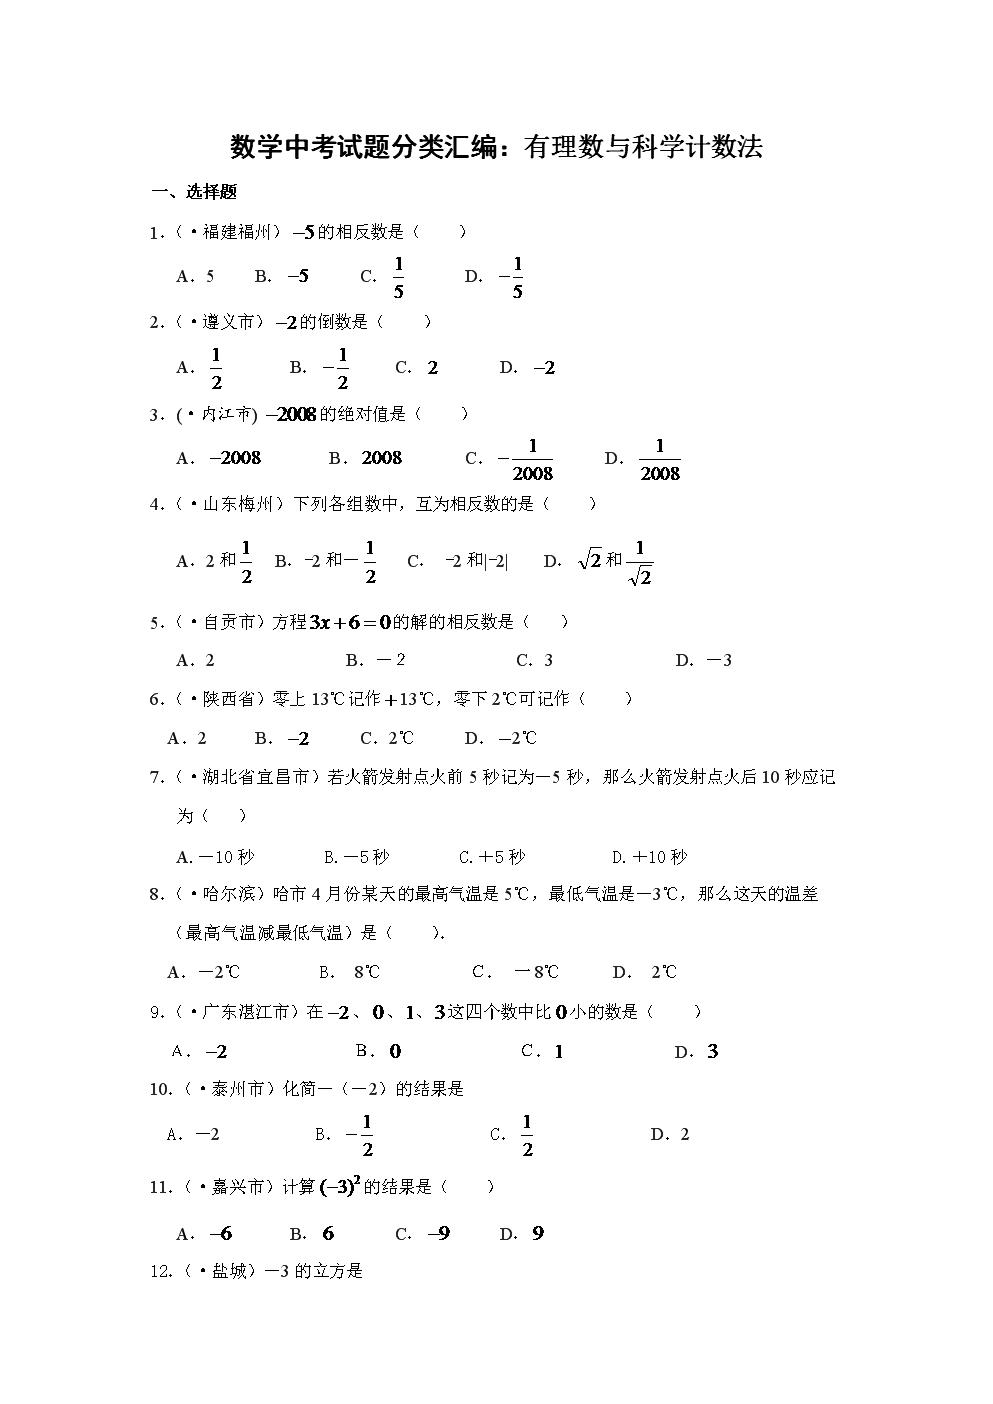 数学中考试题分类汇编:有理数与科学计数法.doc